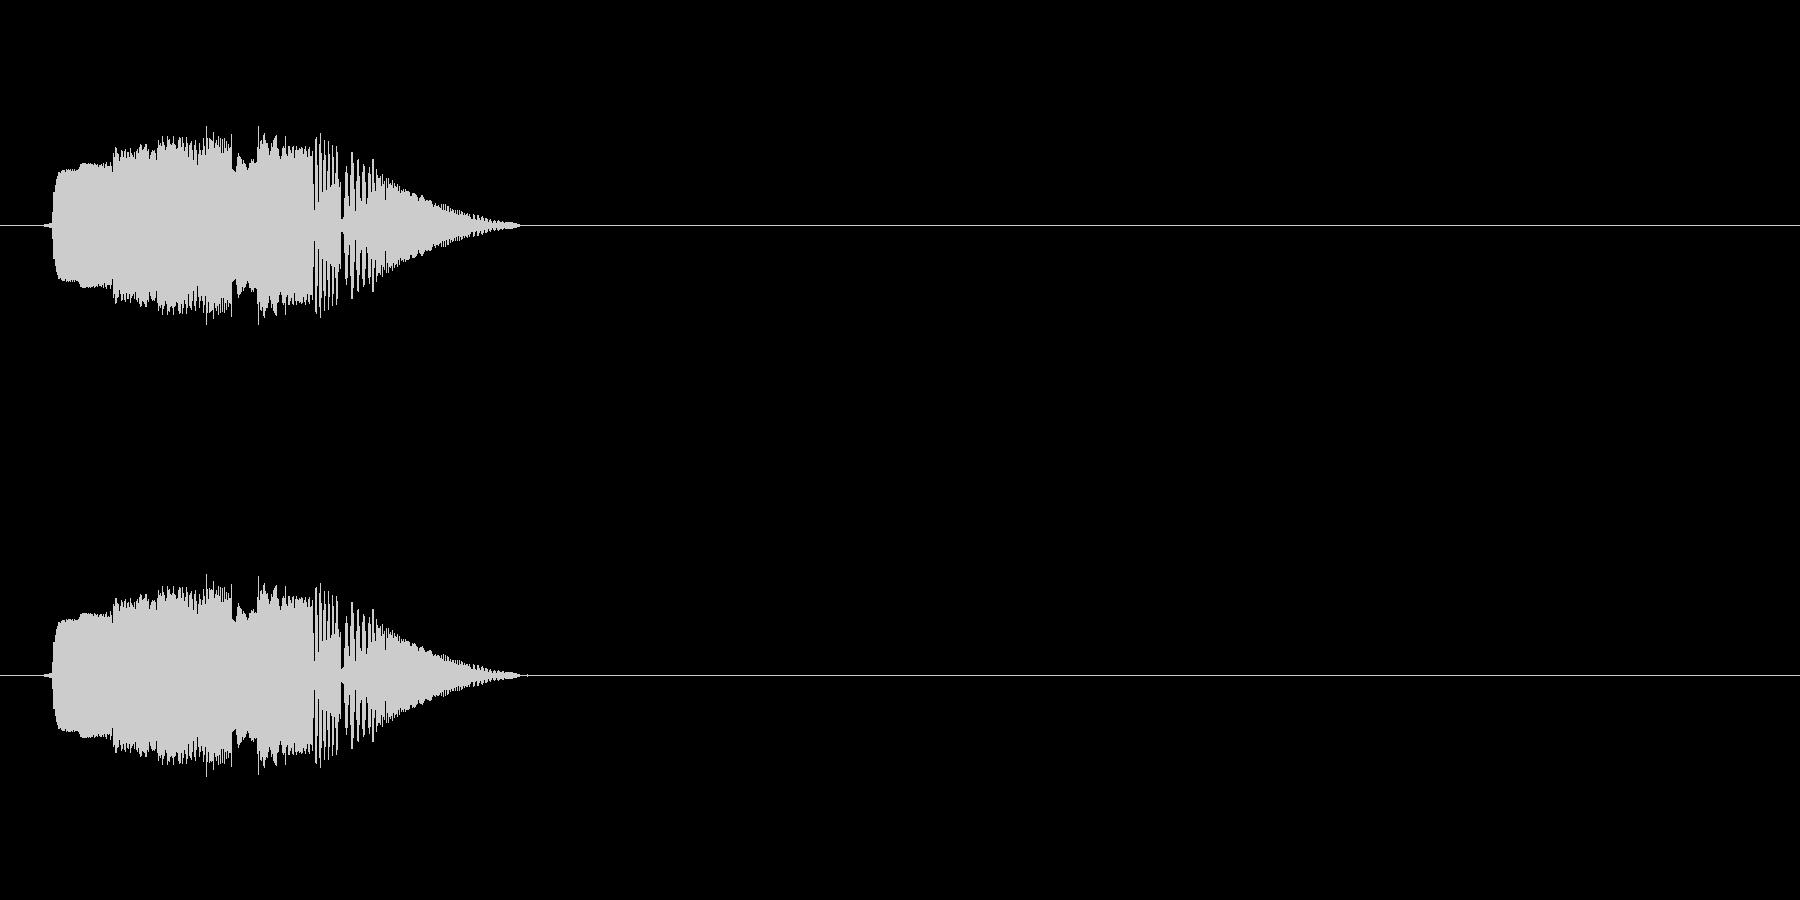 ボタン音(タッチ、戻る、アプリ)の未再生の波形